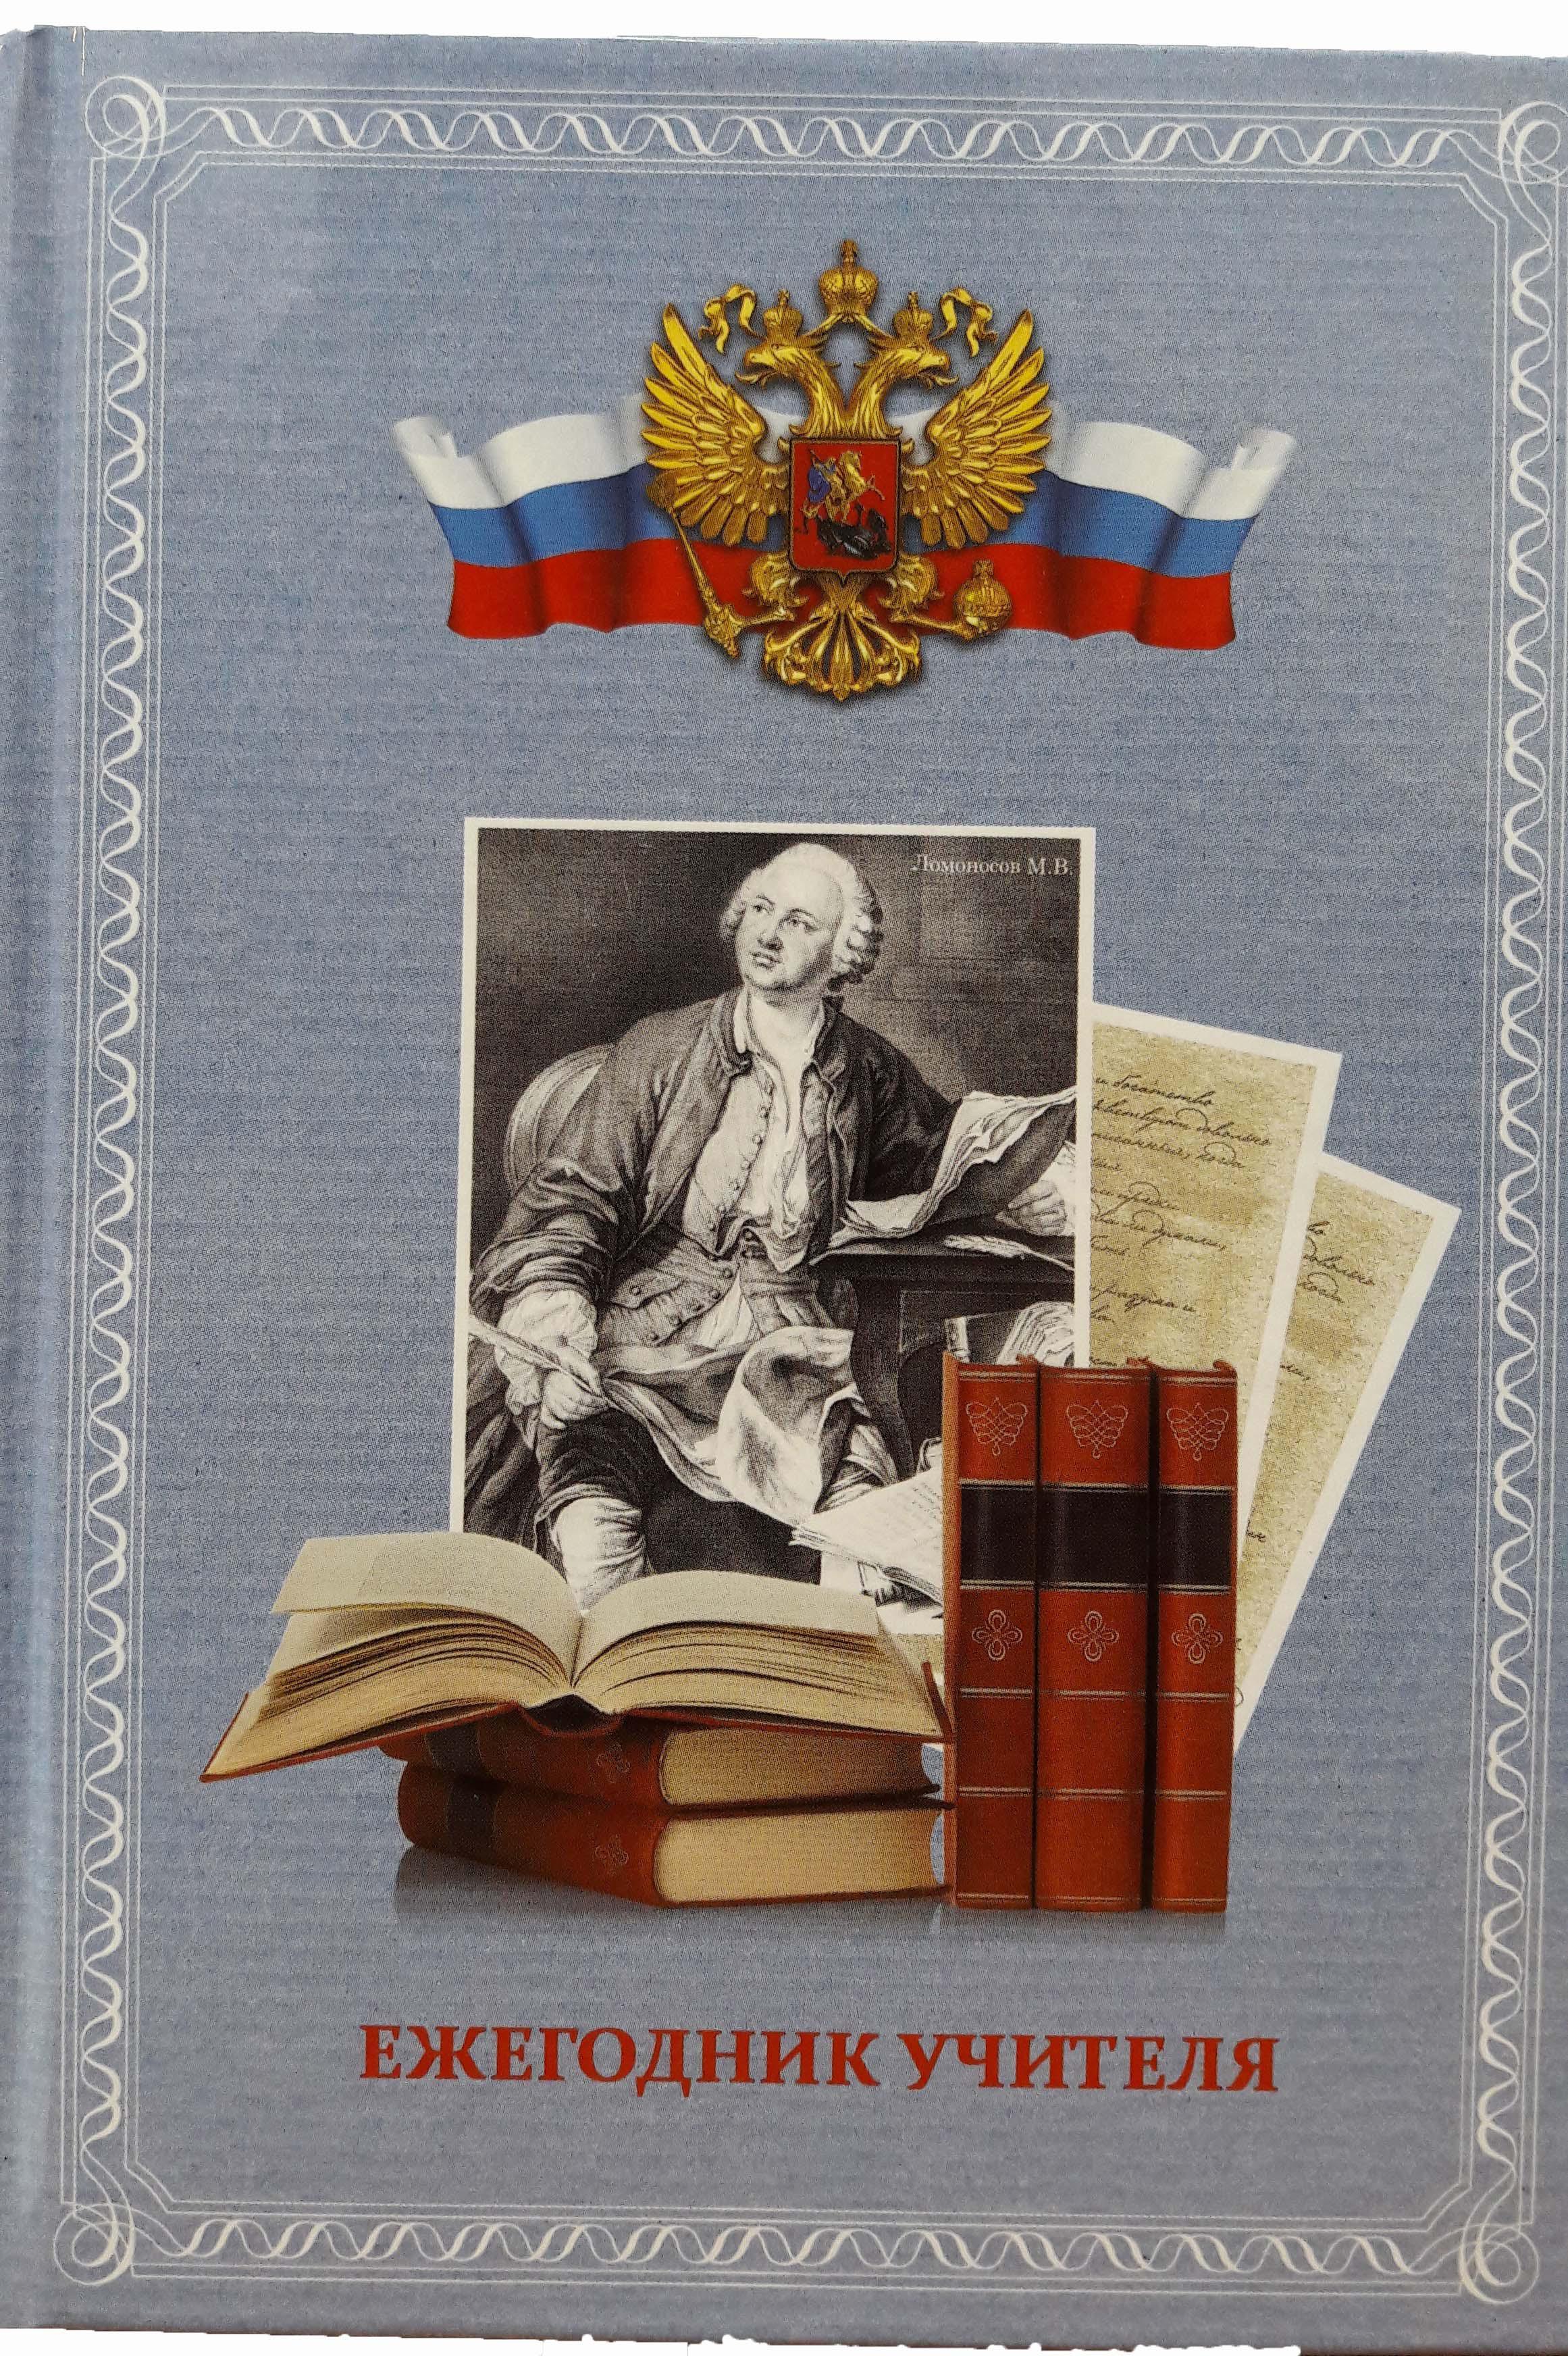 Анонс-изображение товара ежегодник учителя арт. 43103 ломоносов /а6+, 7бц, 512 стр.